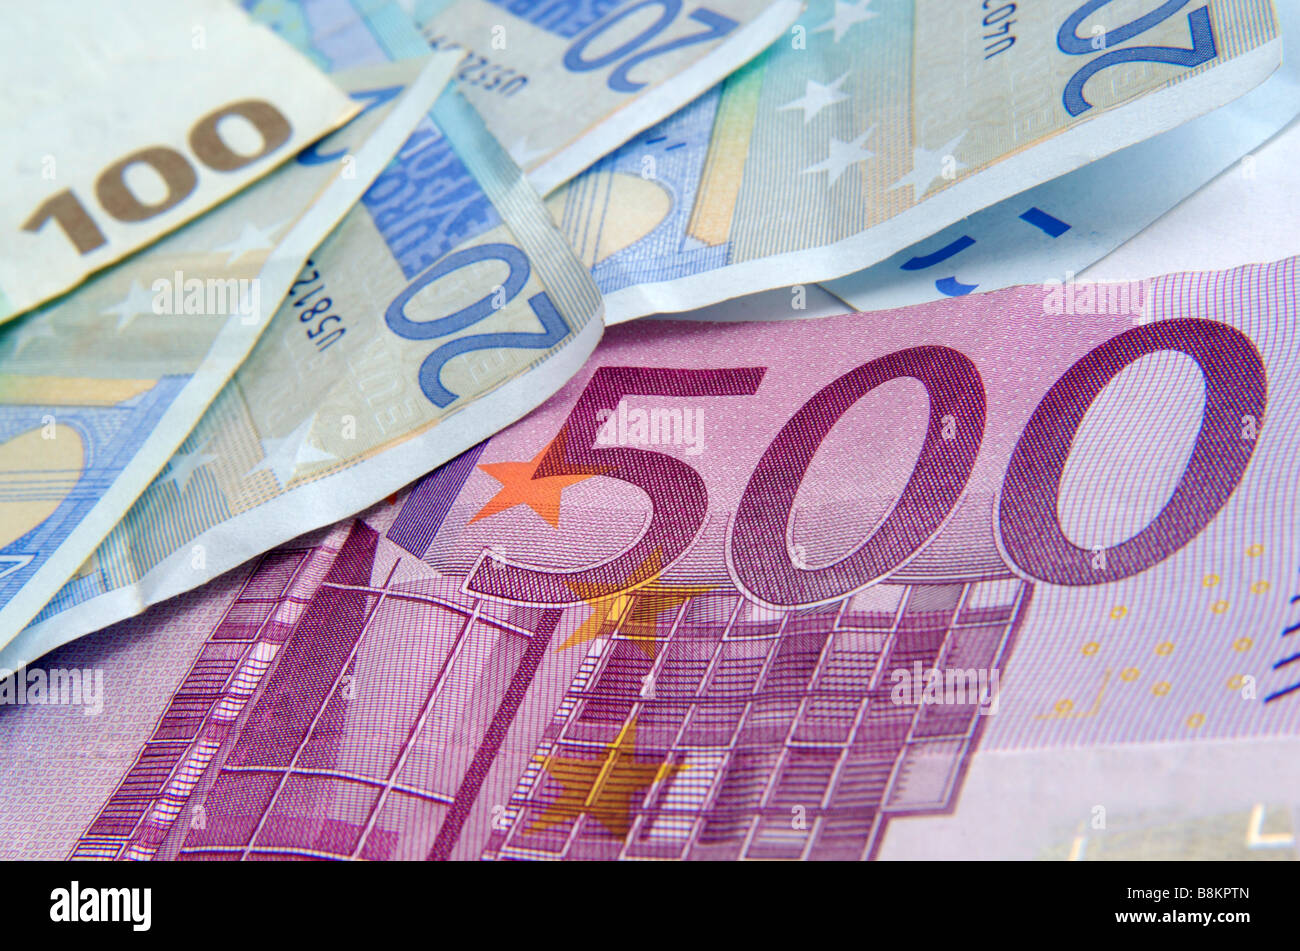 euro geldscheine 500 euro schein stockfoto bild 22562645 alamy. Black Bedroom Furniture Sets. Home Design Ideas